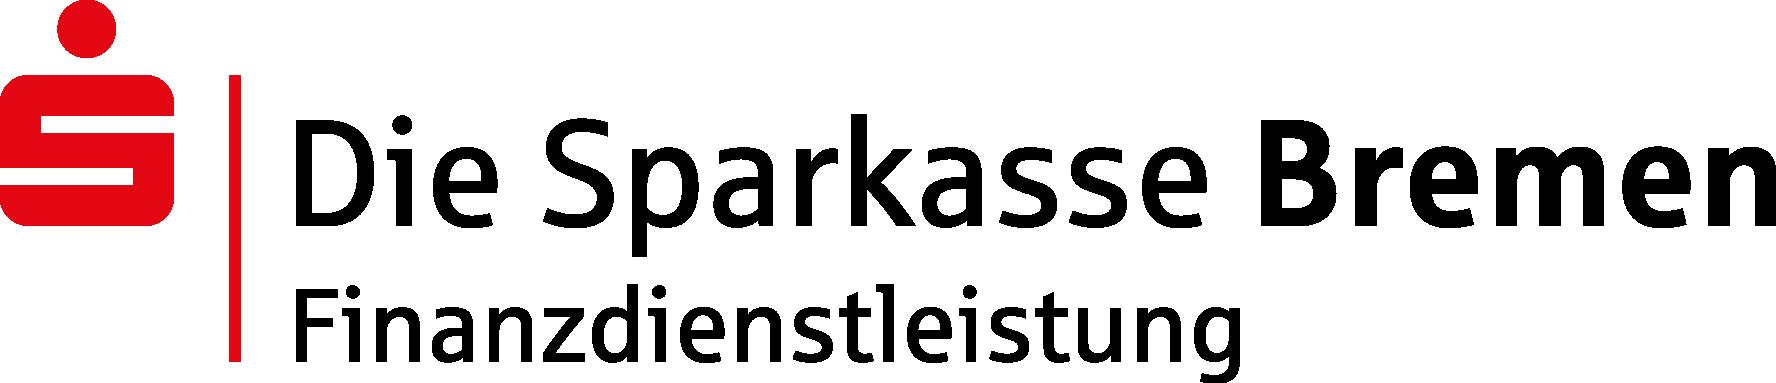 Sparkasse Bremen Logo File:sparkasse Bremen.png